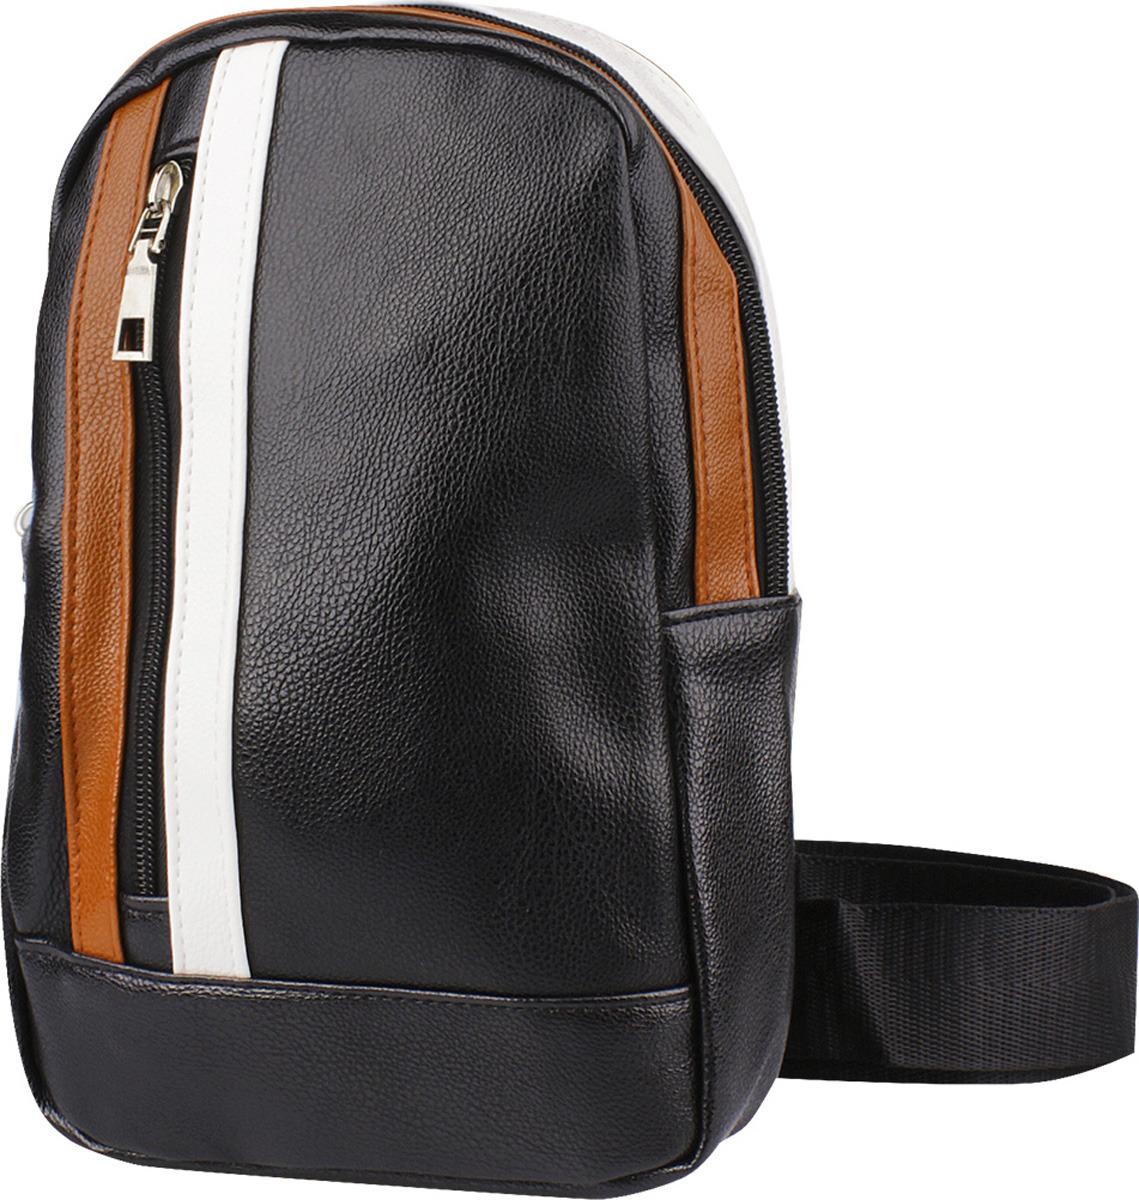 b0555ff7c Сапоги для мальчика kenka цвет черный lpc_70930_black размер 28 ...